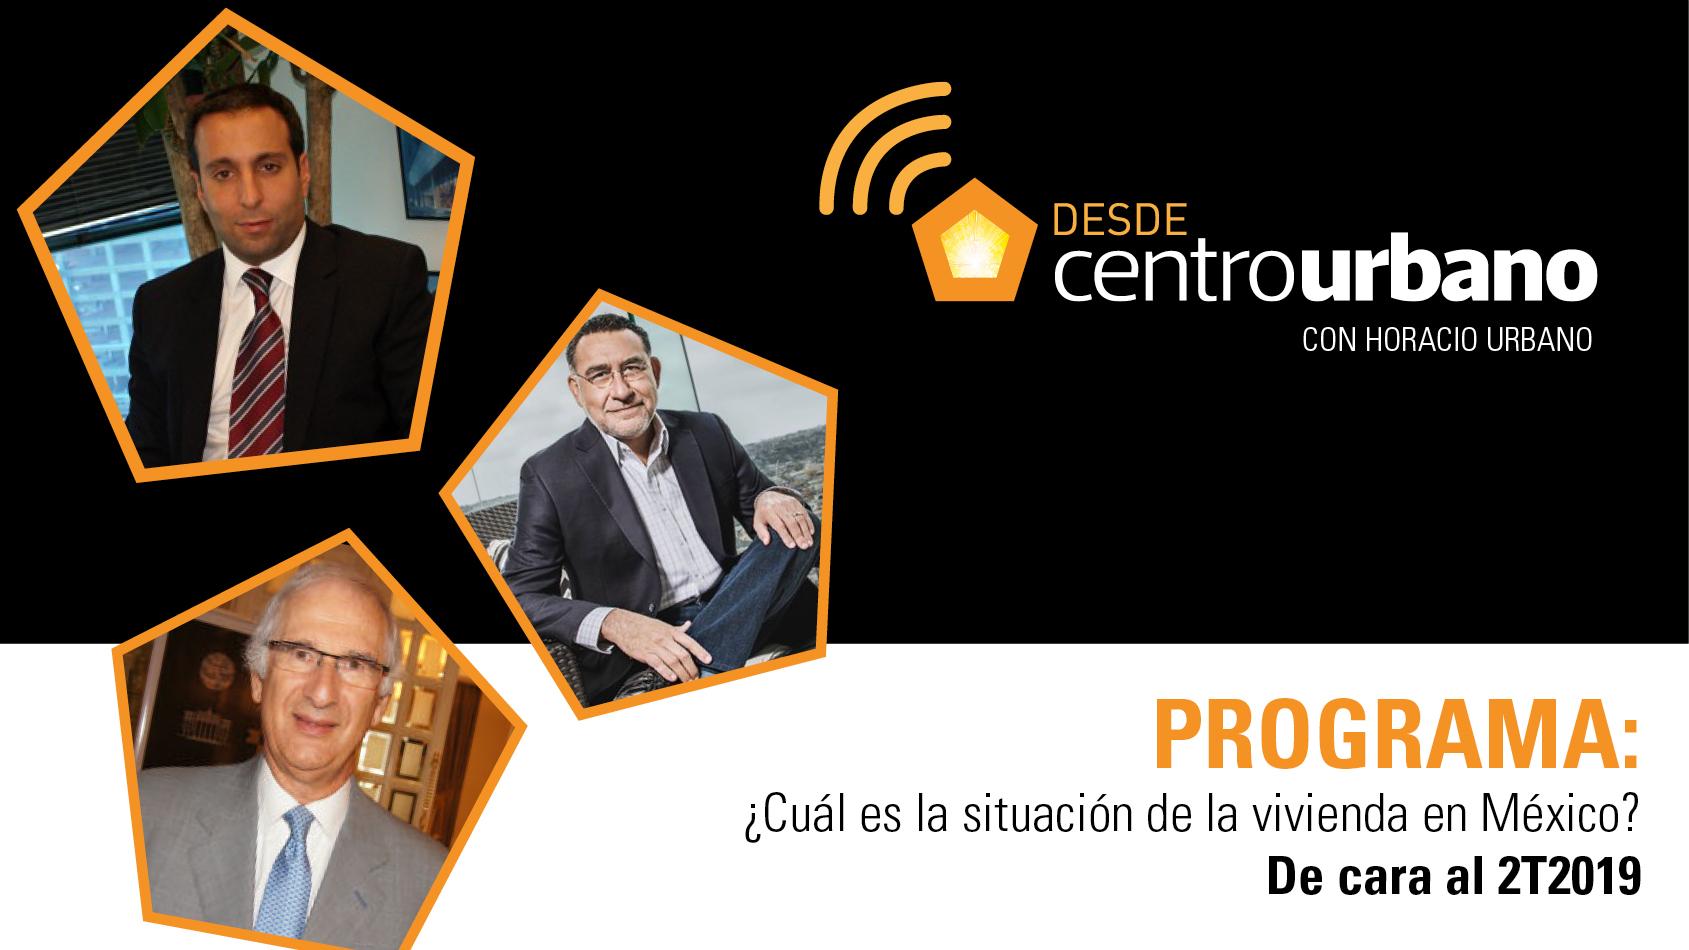 ¿Cuál es la situación del sector vivienda en México? - De cara al 2T2019